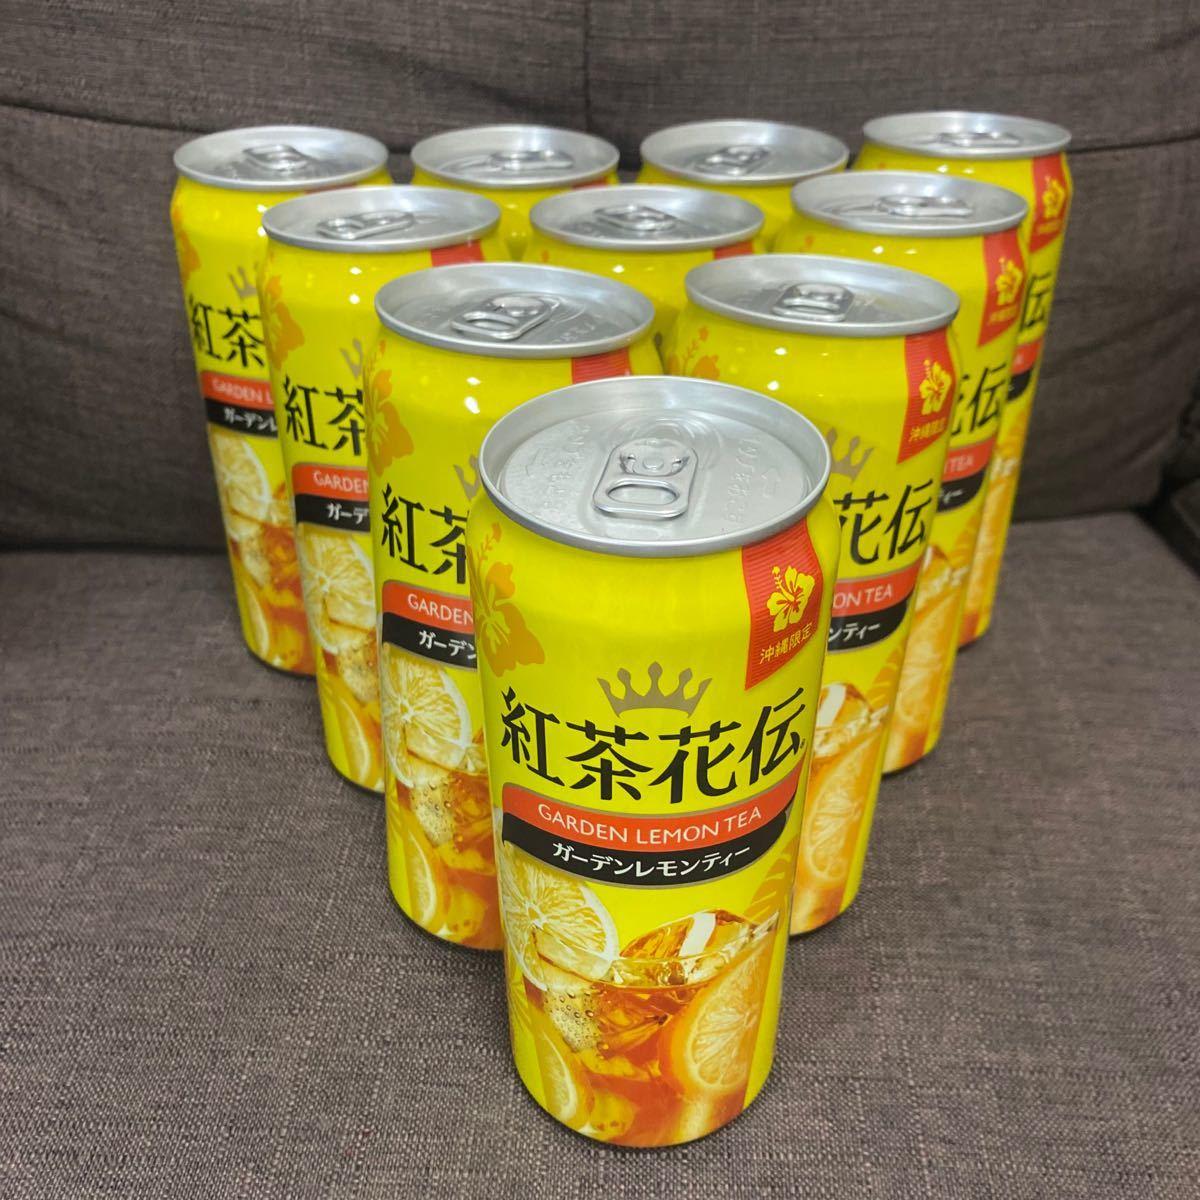 沖縄限定「コカ・コーラ 紅茶花伝 ガーデンレモンティー」500ml×10缶